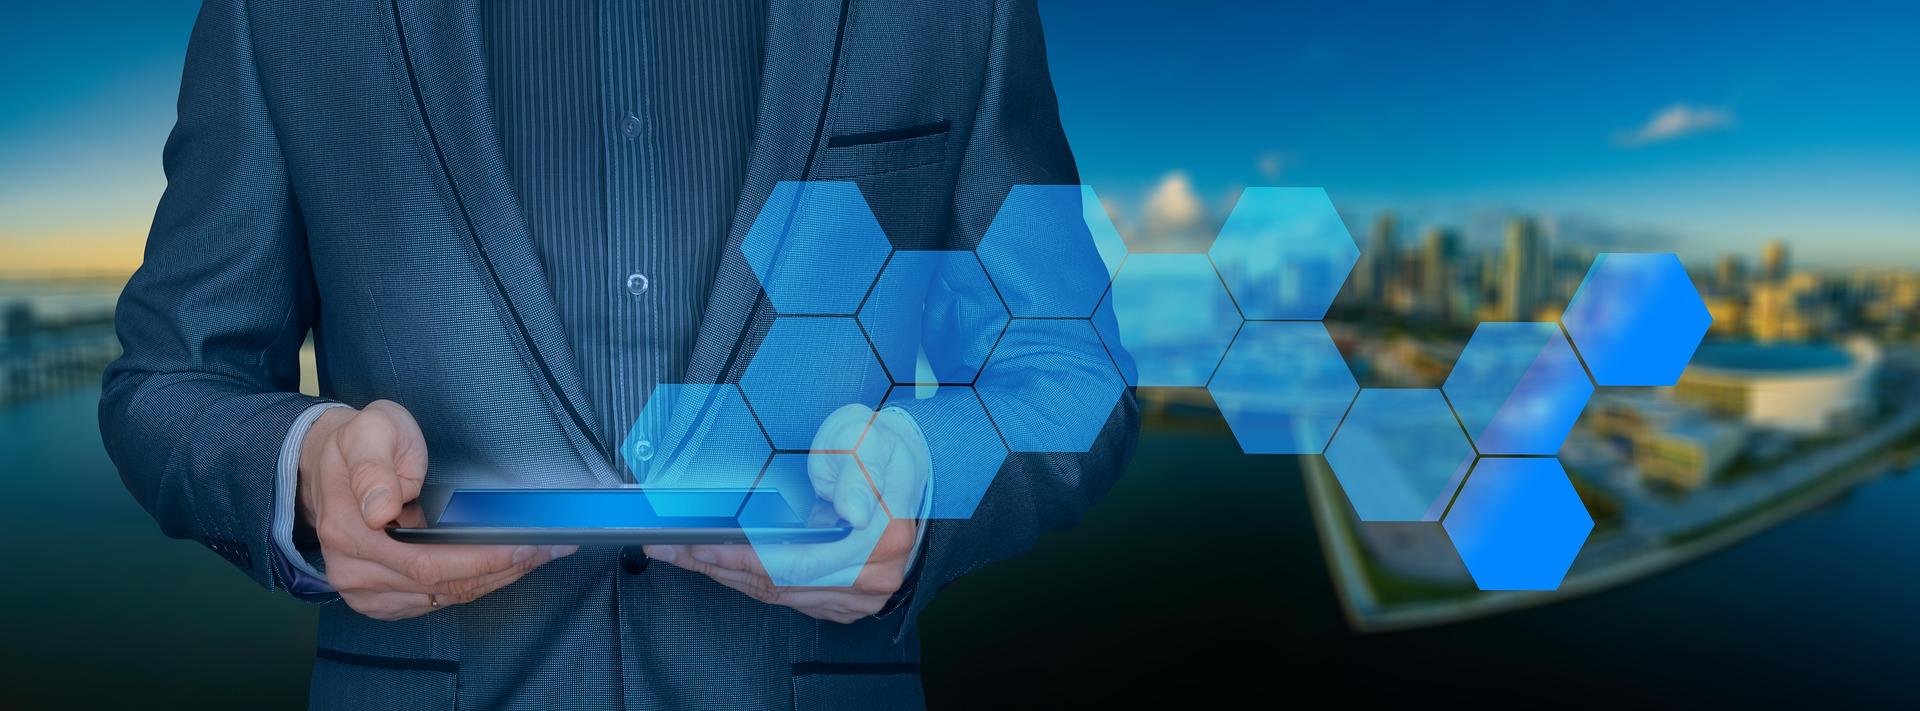 Linee Guida E Raccomandazioni Di Policy, Big Data:  Indagine Conoscitiva Congiunta Di Agcom, Agcm E Garante Privacy